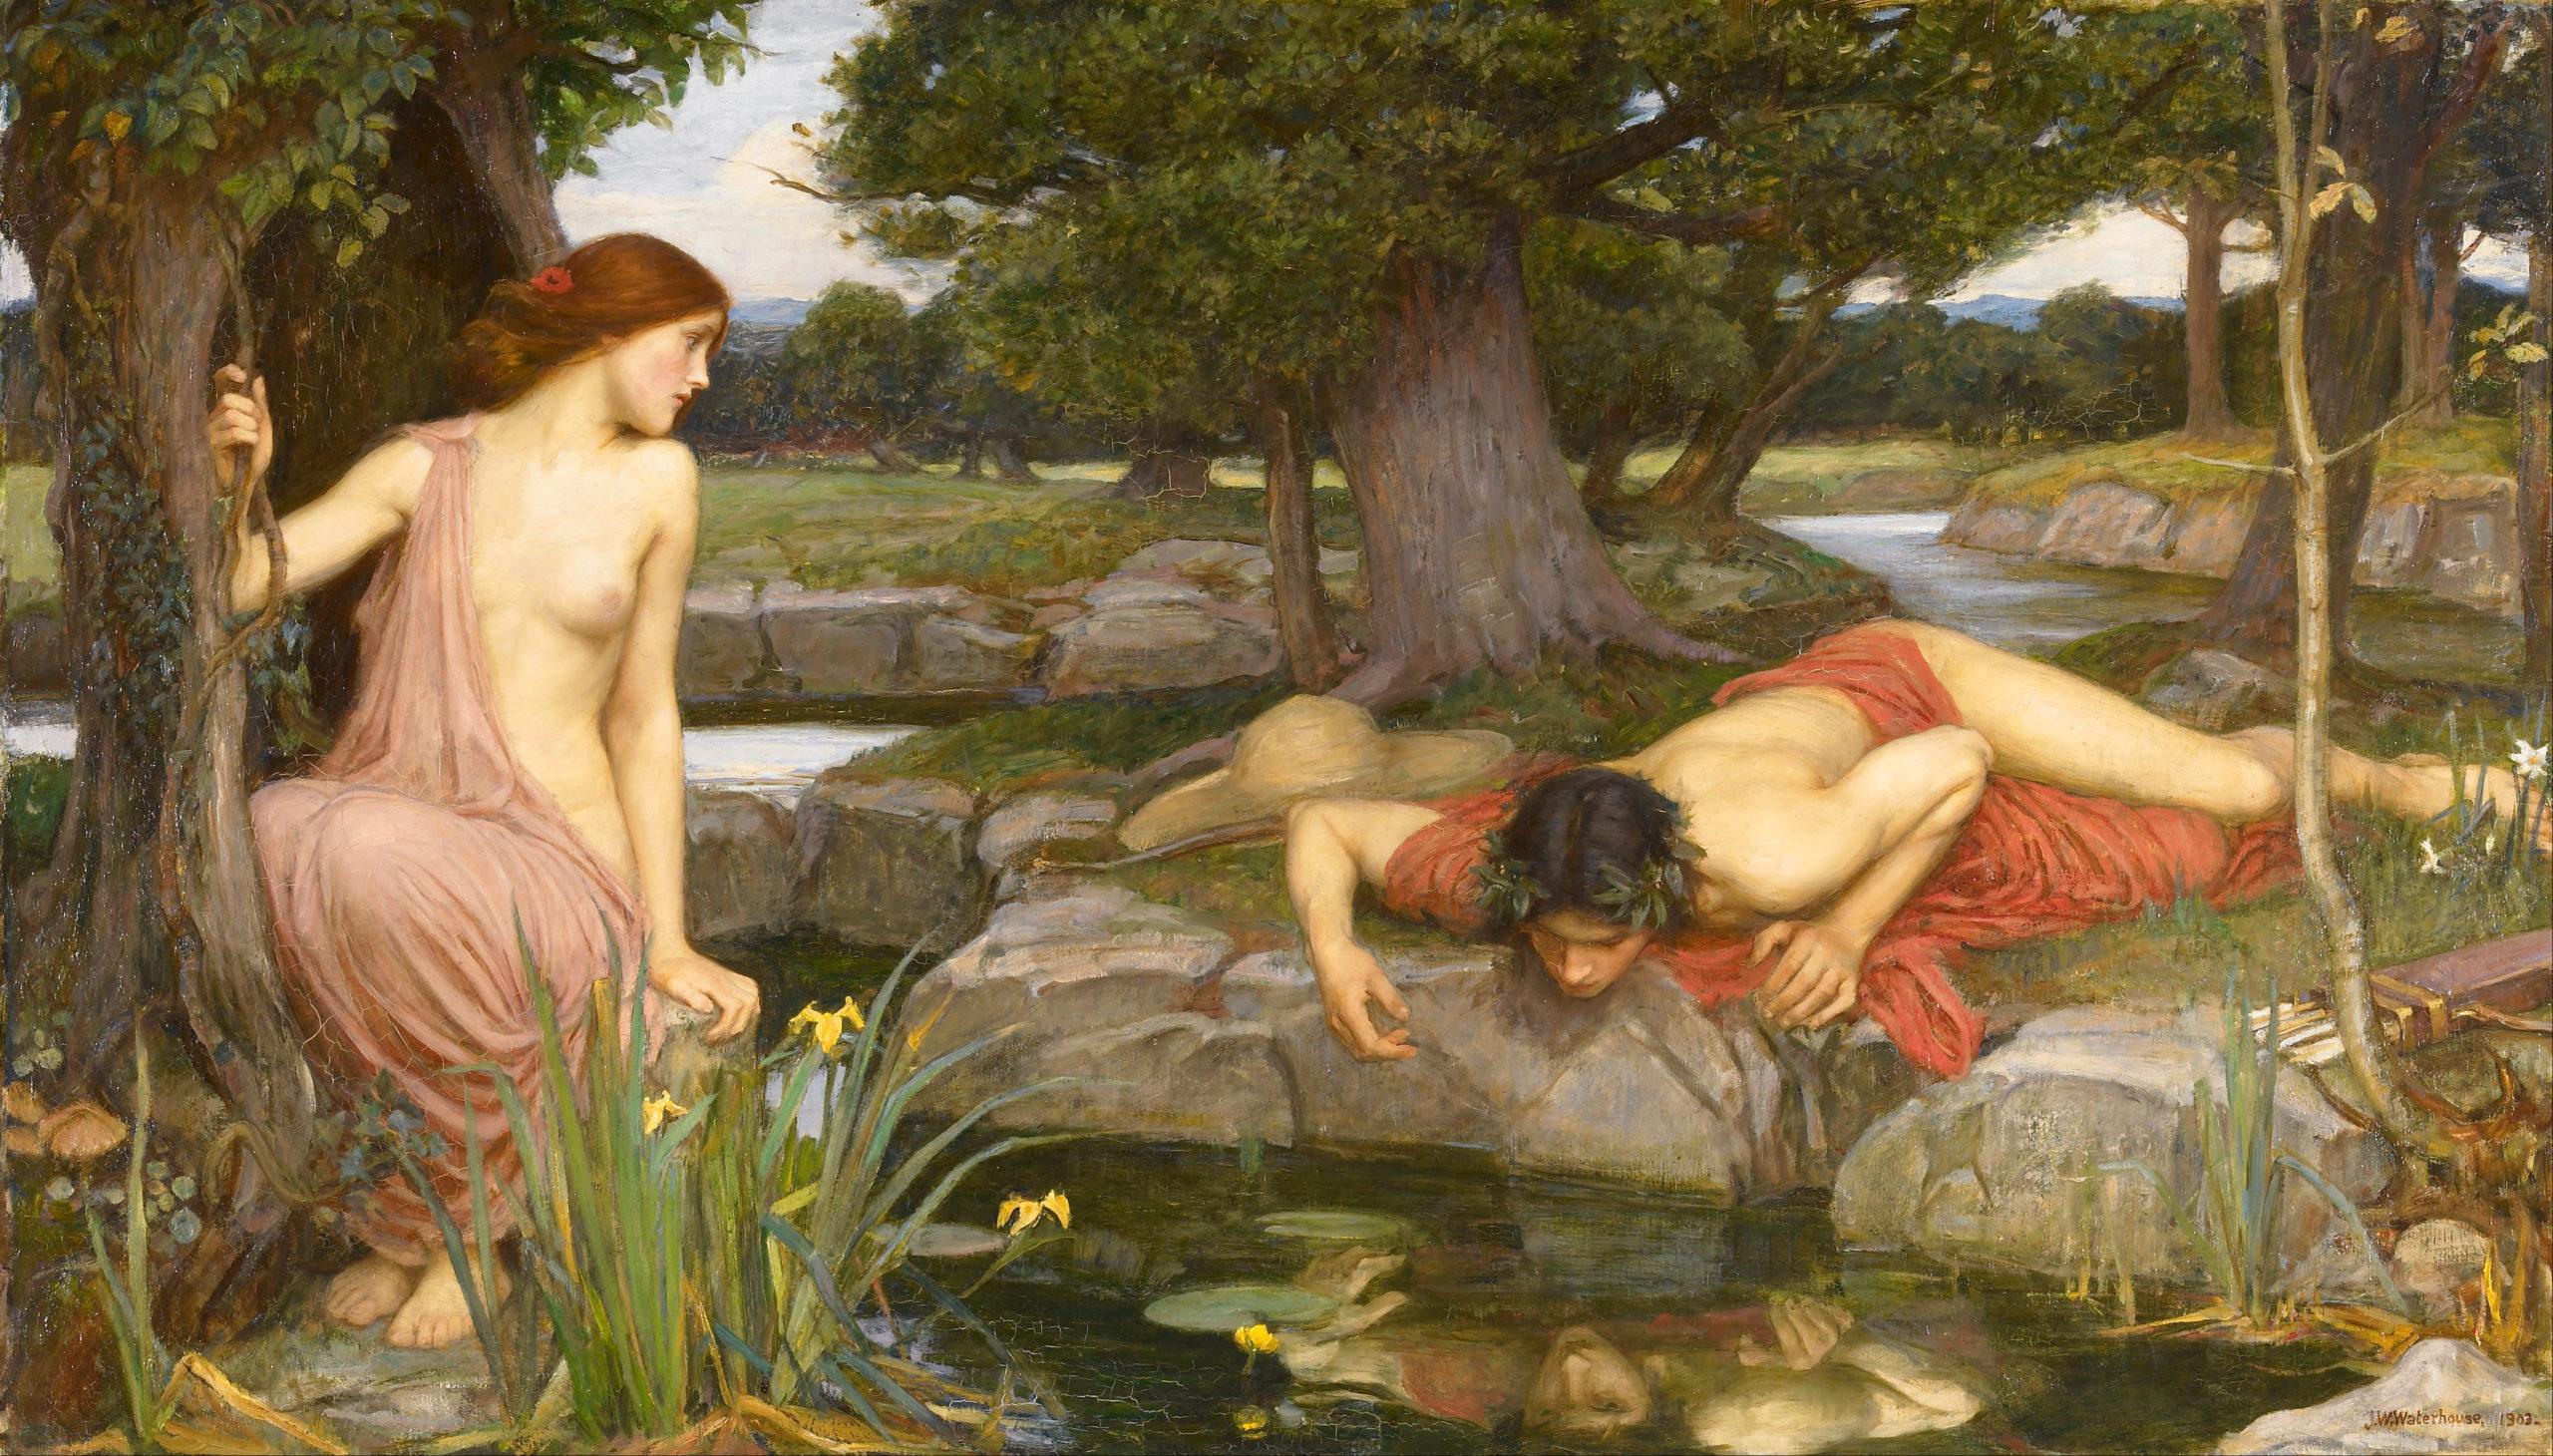 John William Waterhouse - Echo et Narcisse (1903)